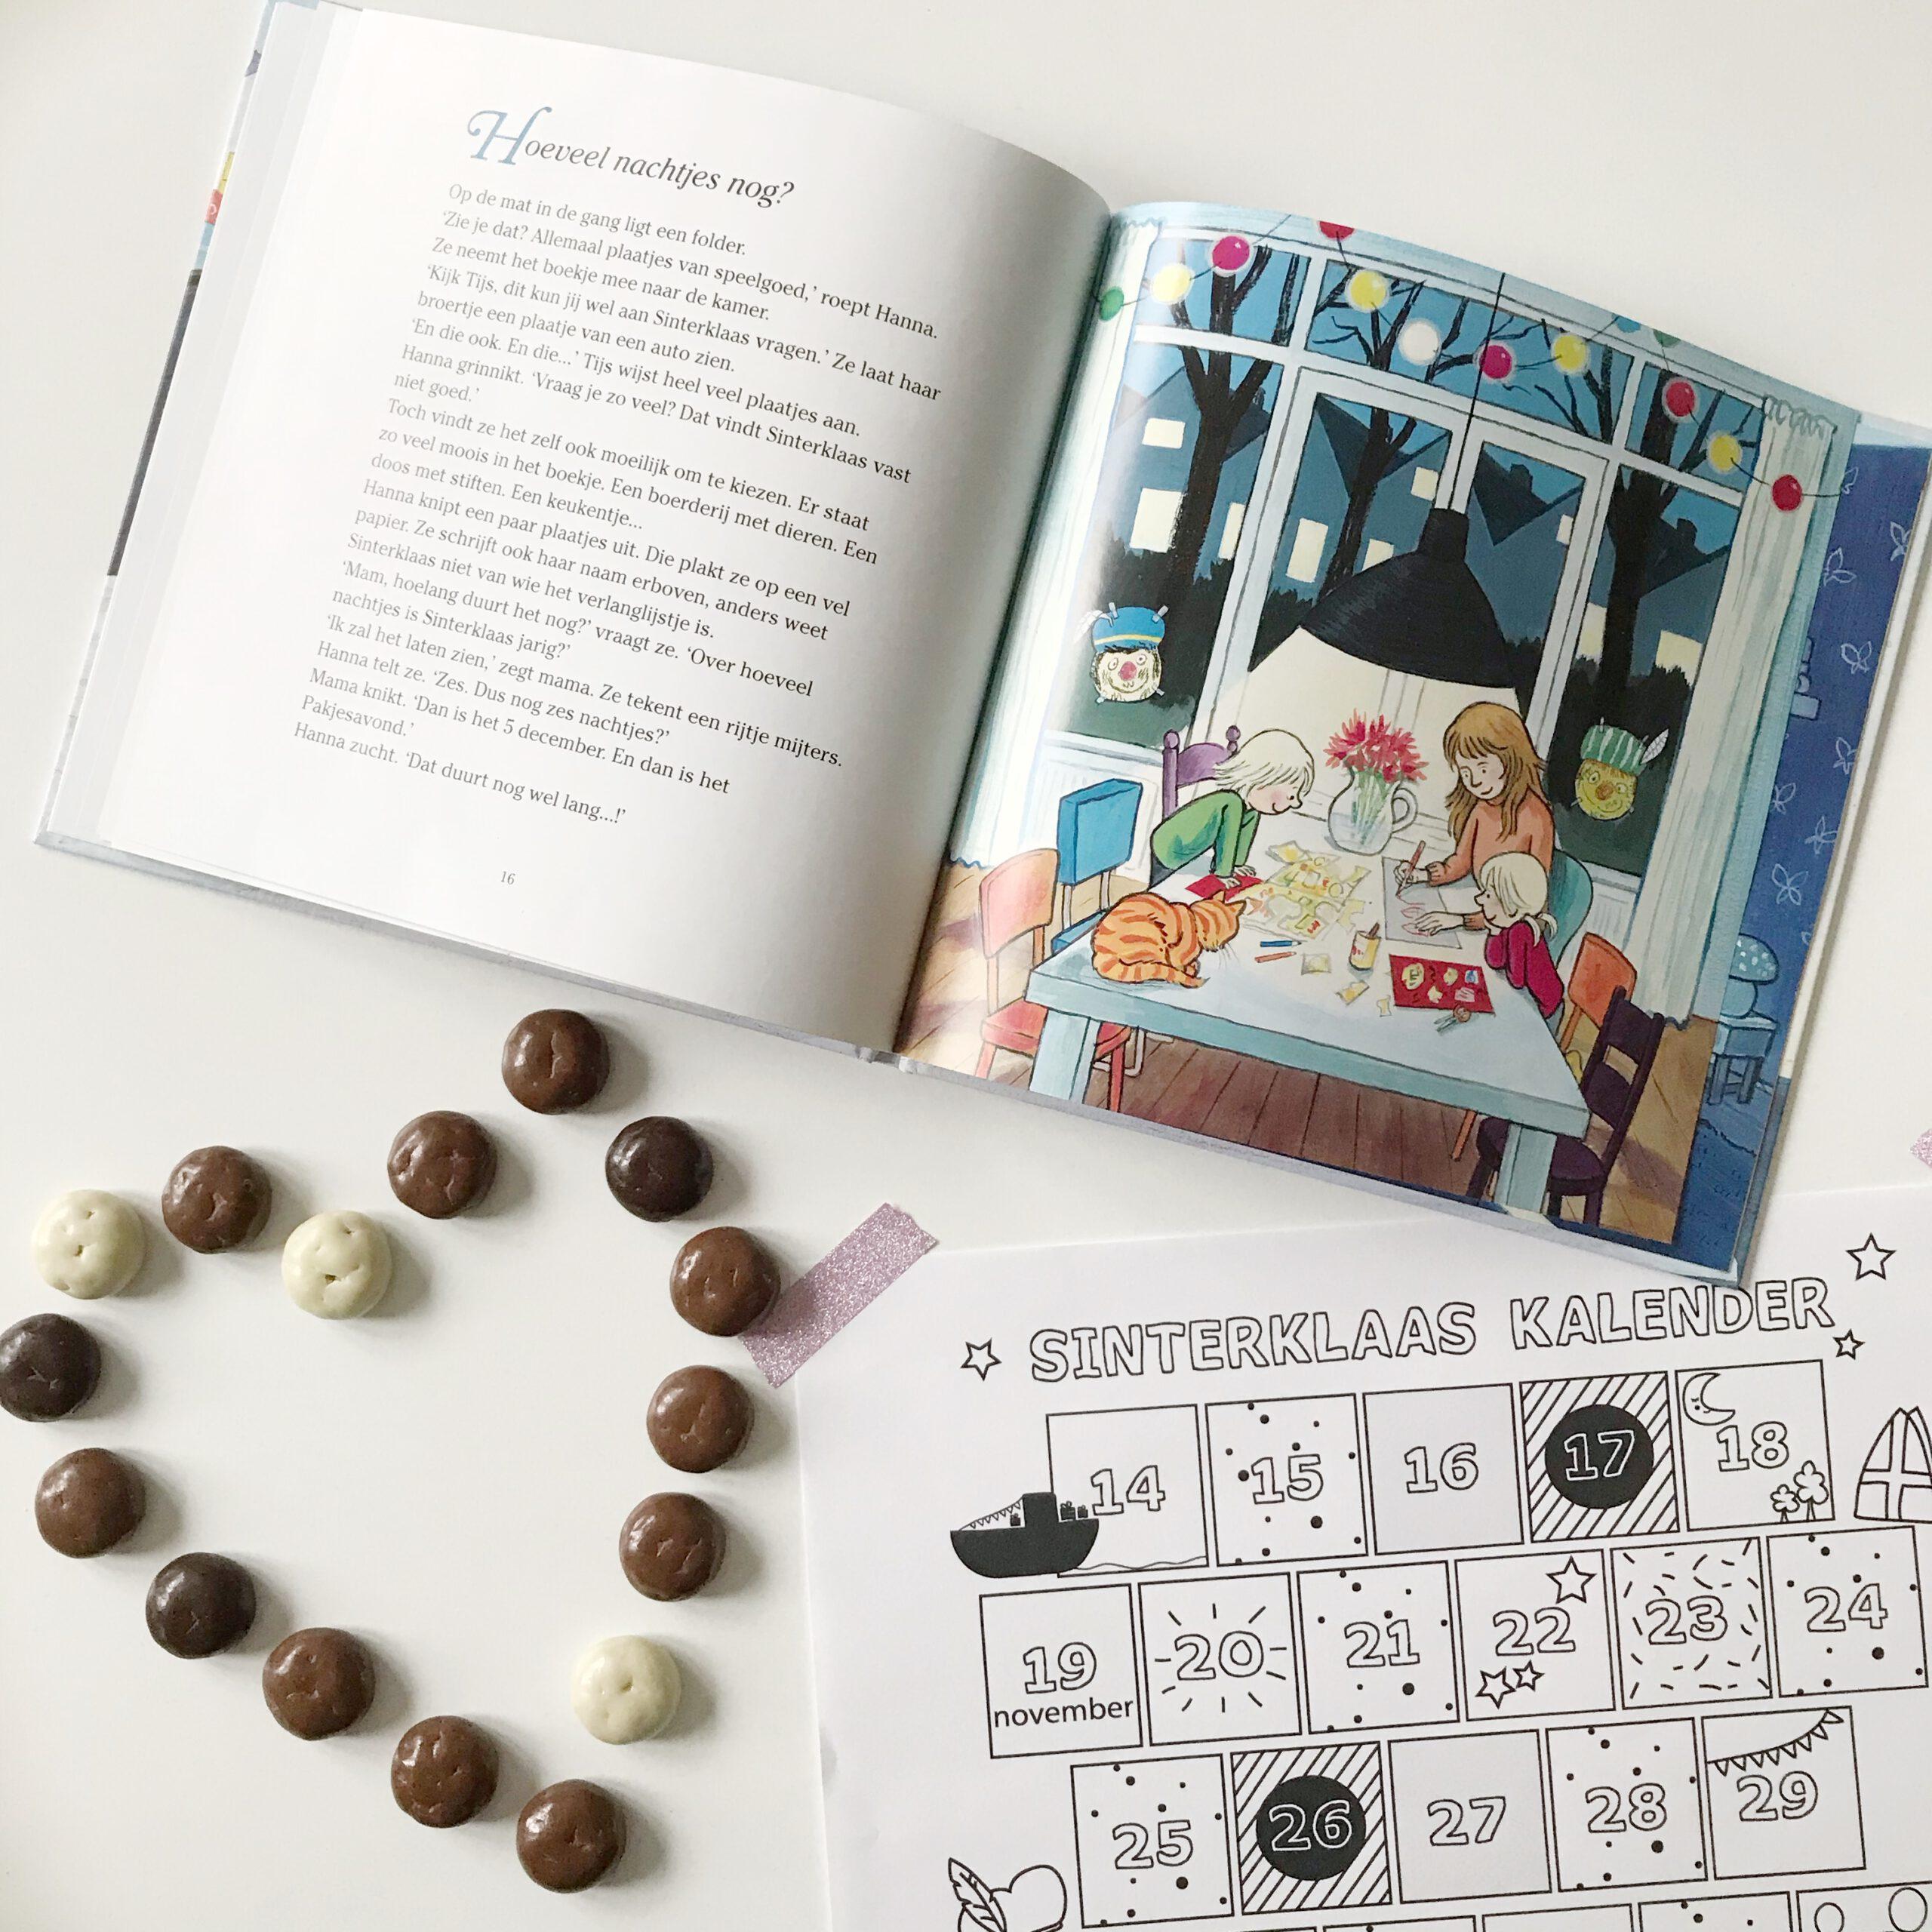 daar is sinterklaas - kinderboeken over sinterklaas